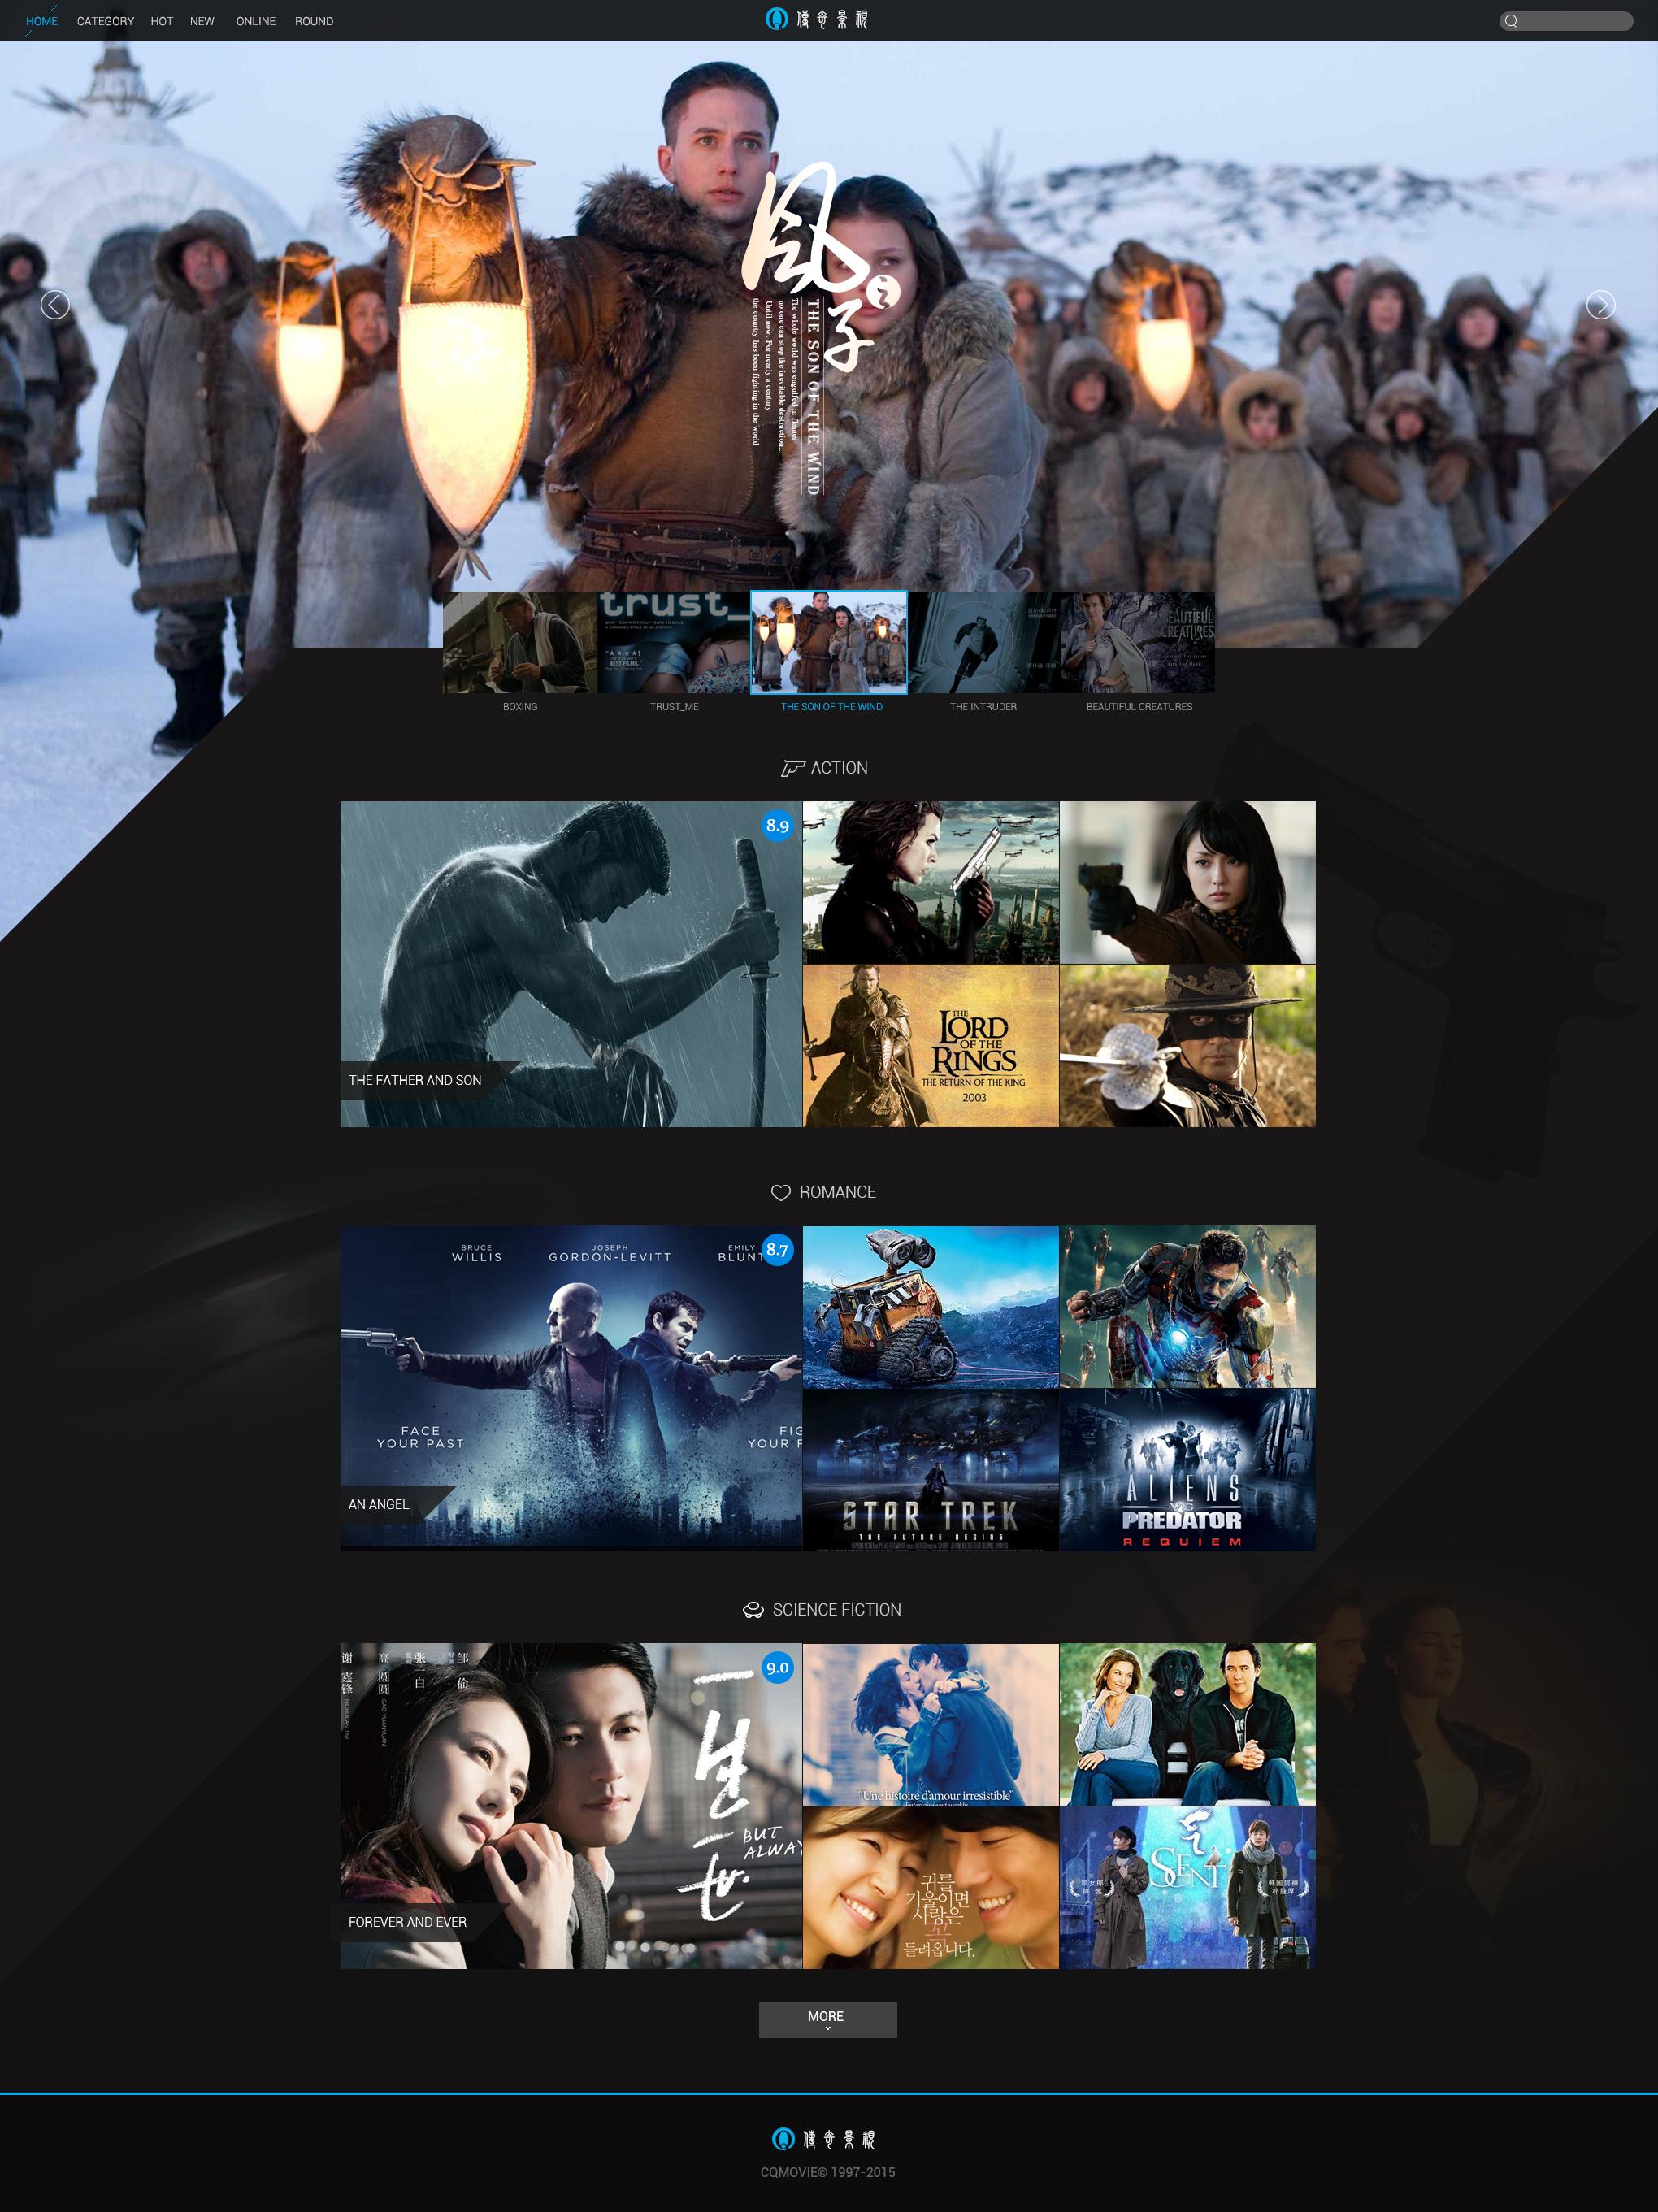 9州娱乐登陆网址_推荐几个能搜索电影和能下载电影的网站(要网址),在推荐几个好用的